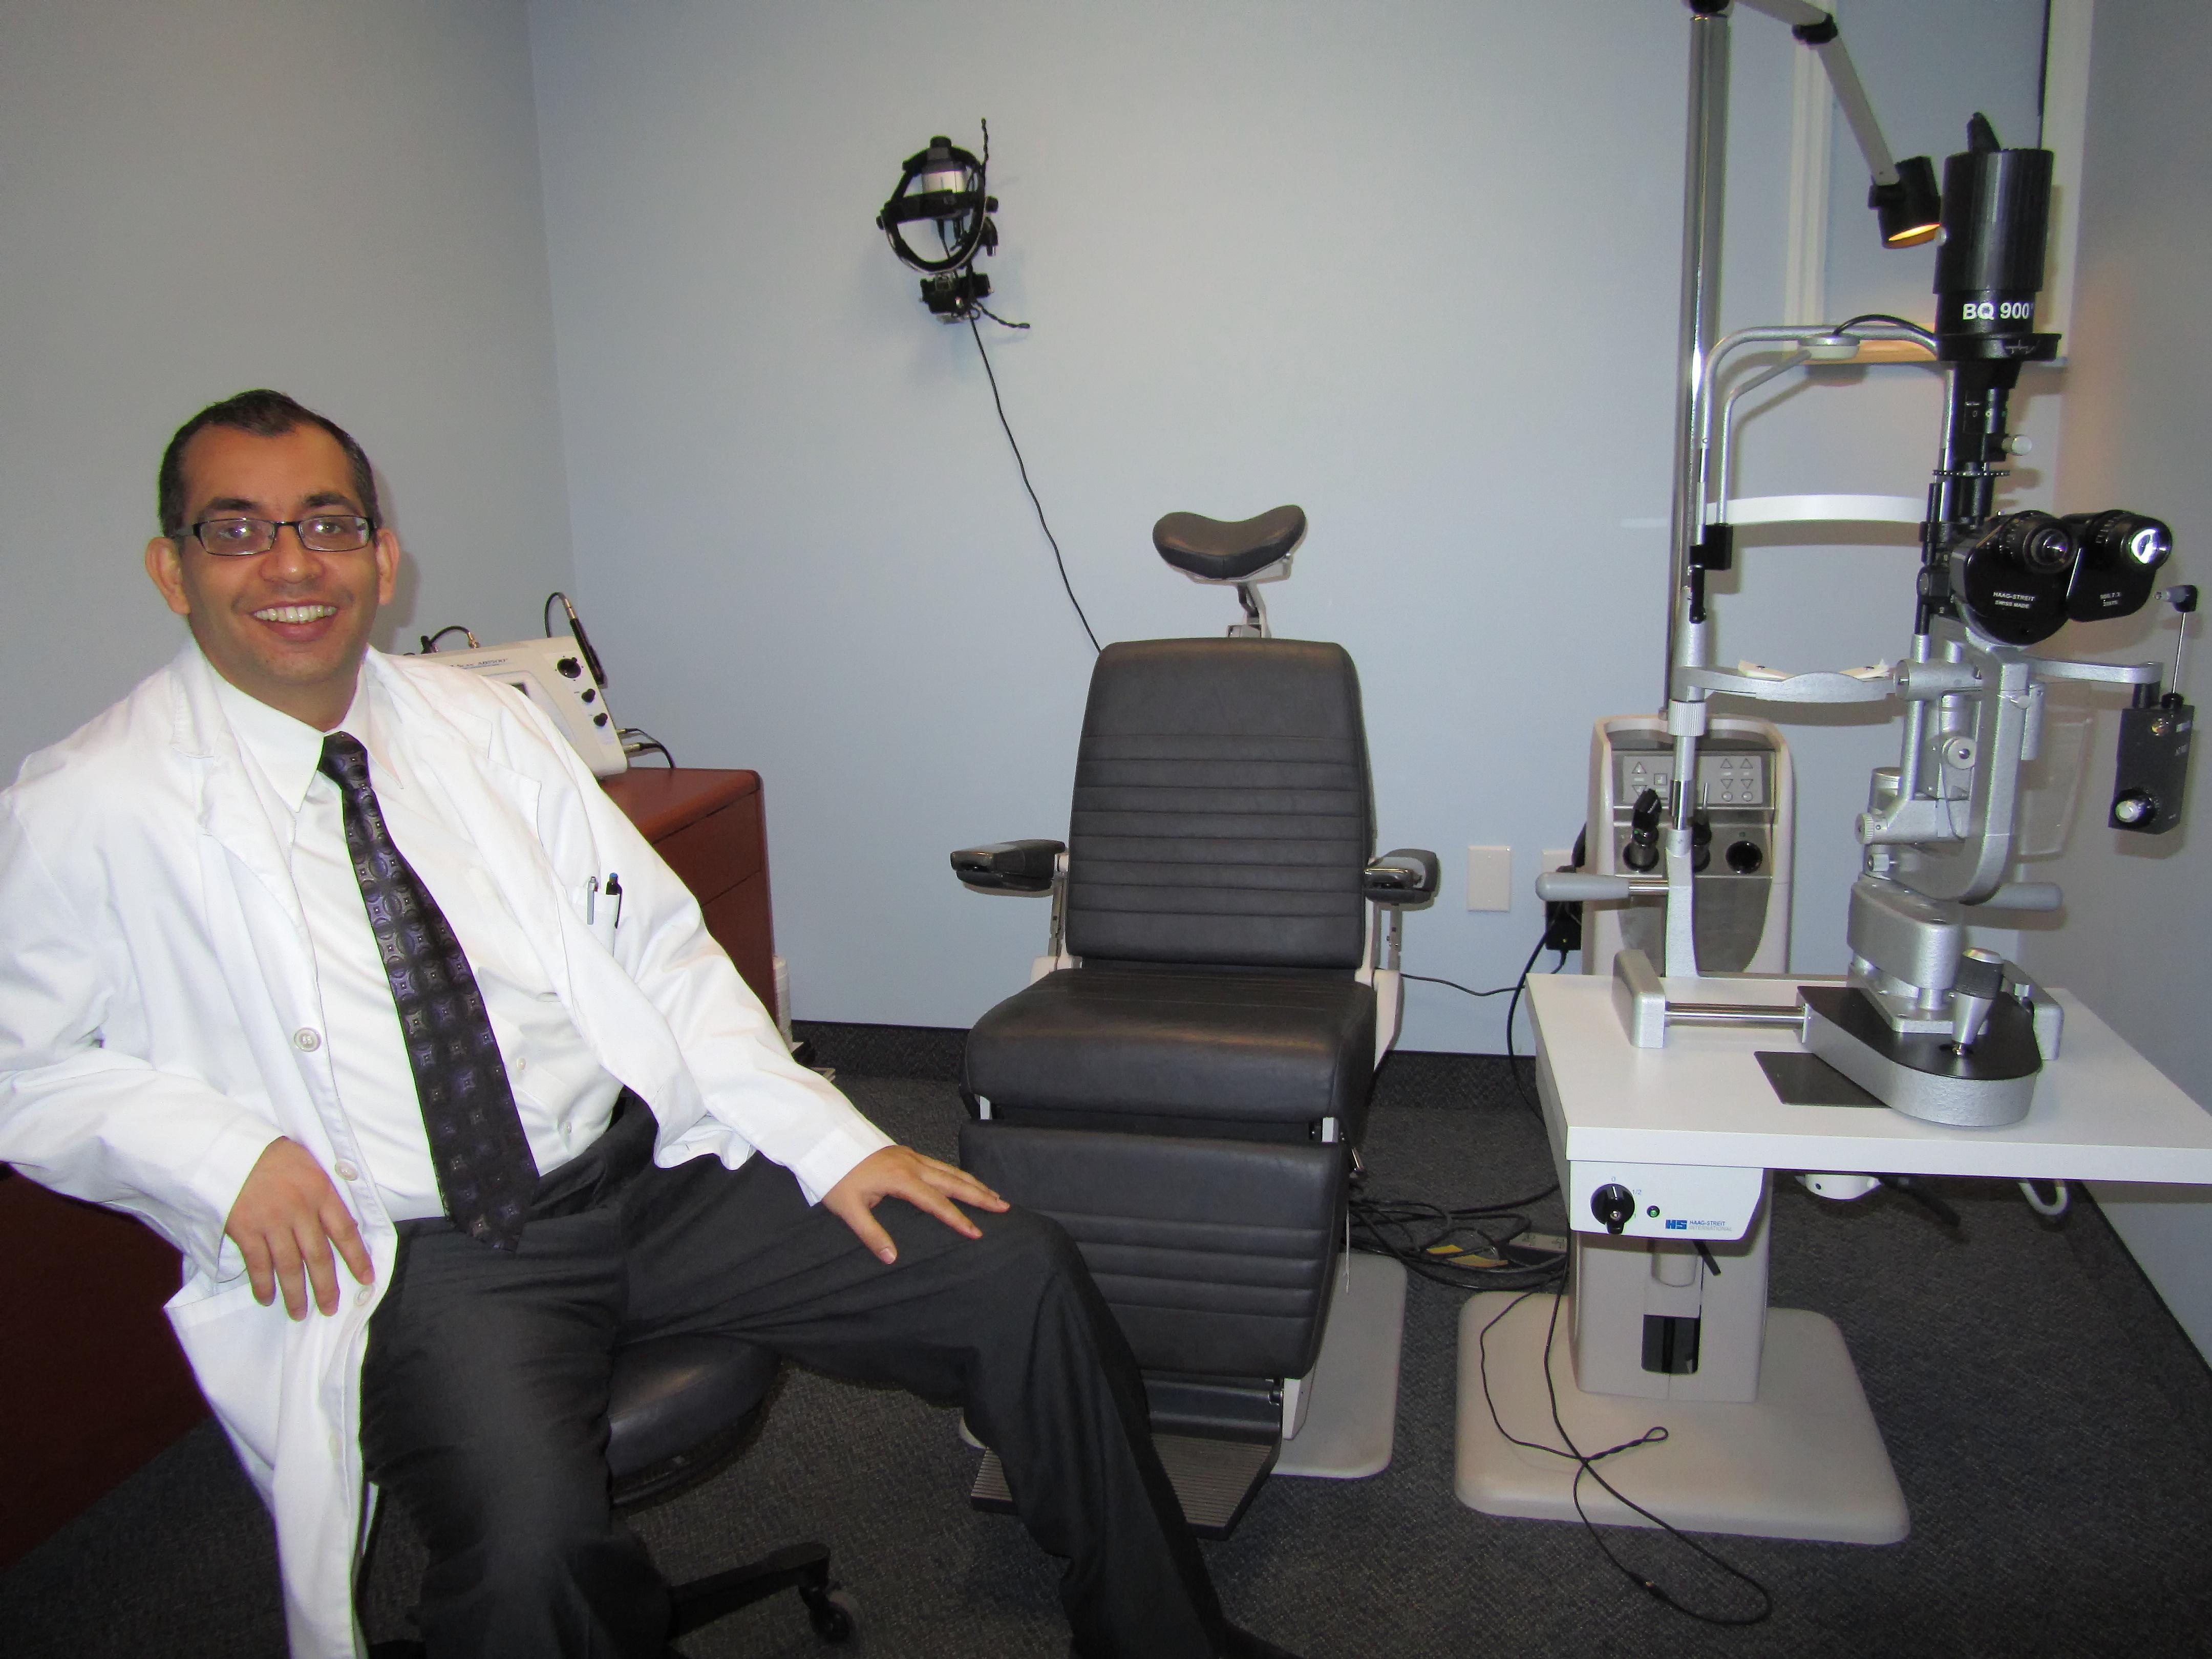 Amjad M. Hammad, MD